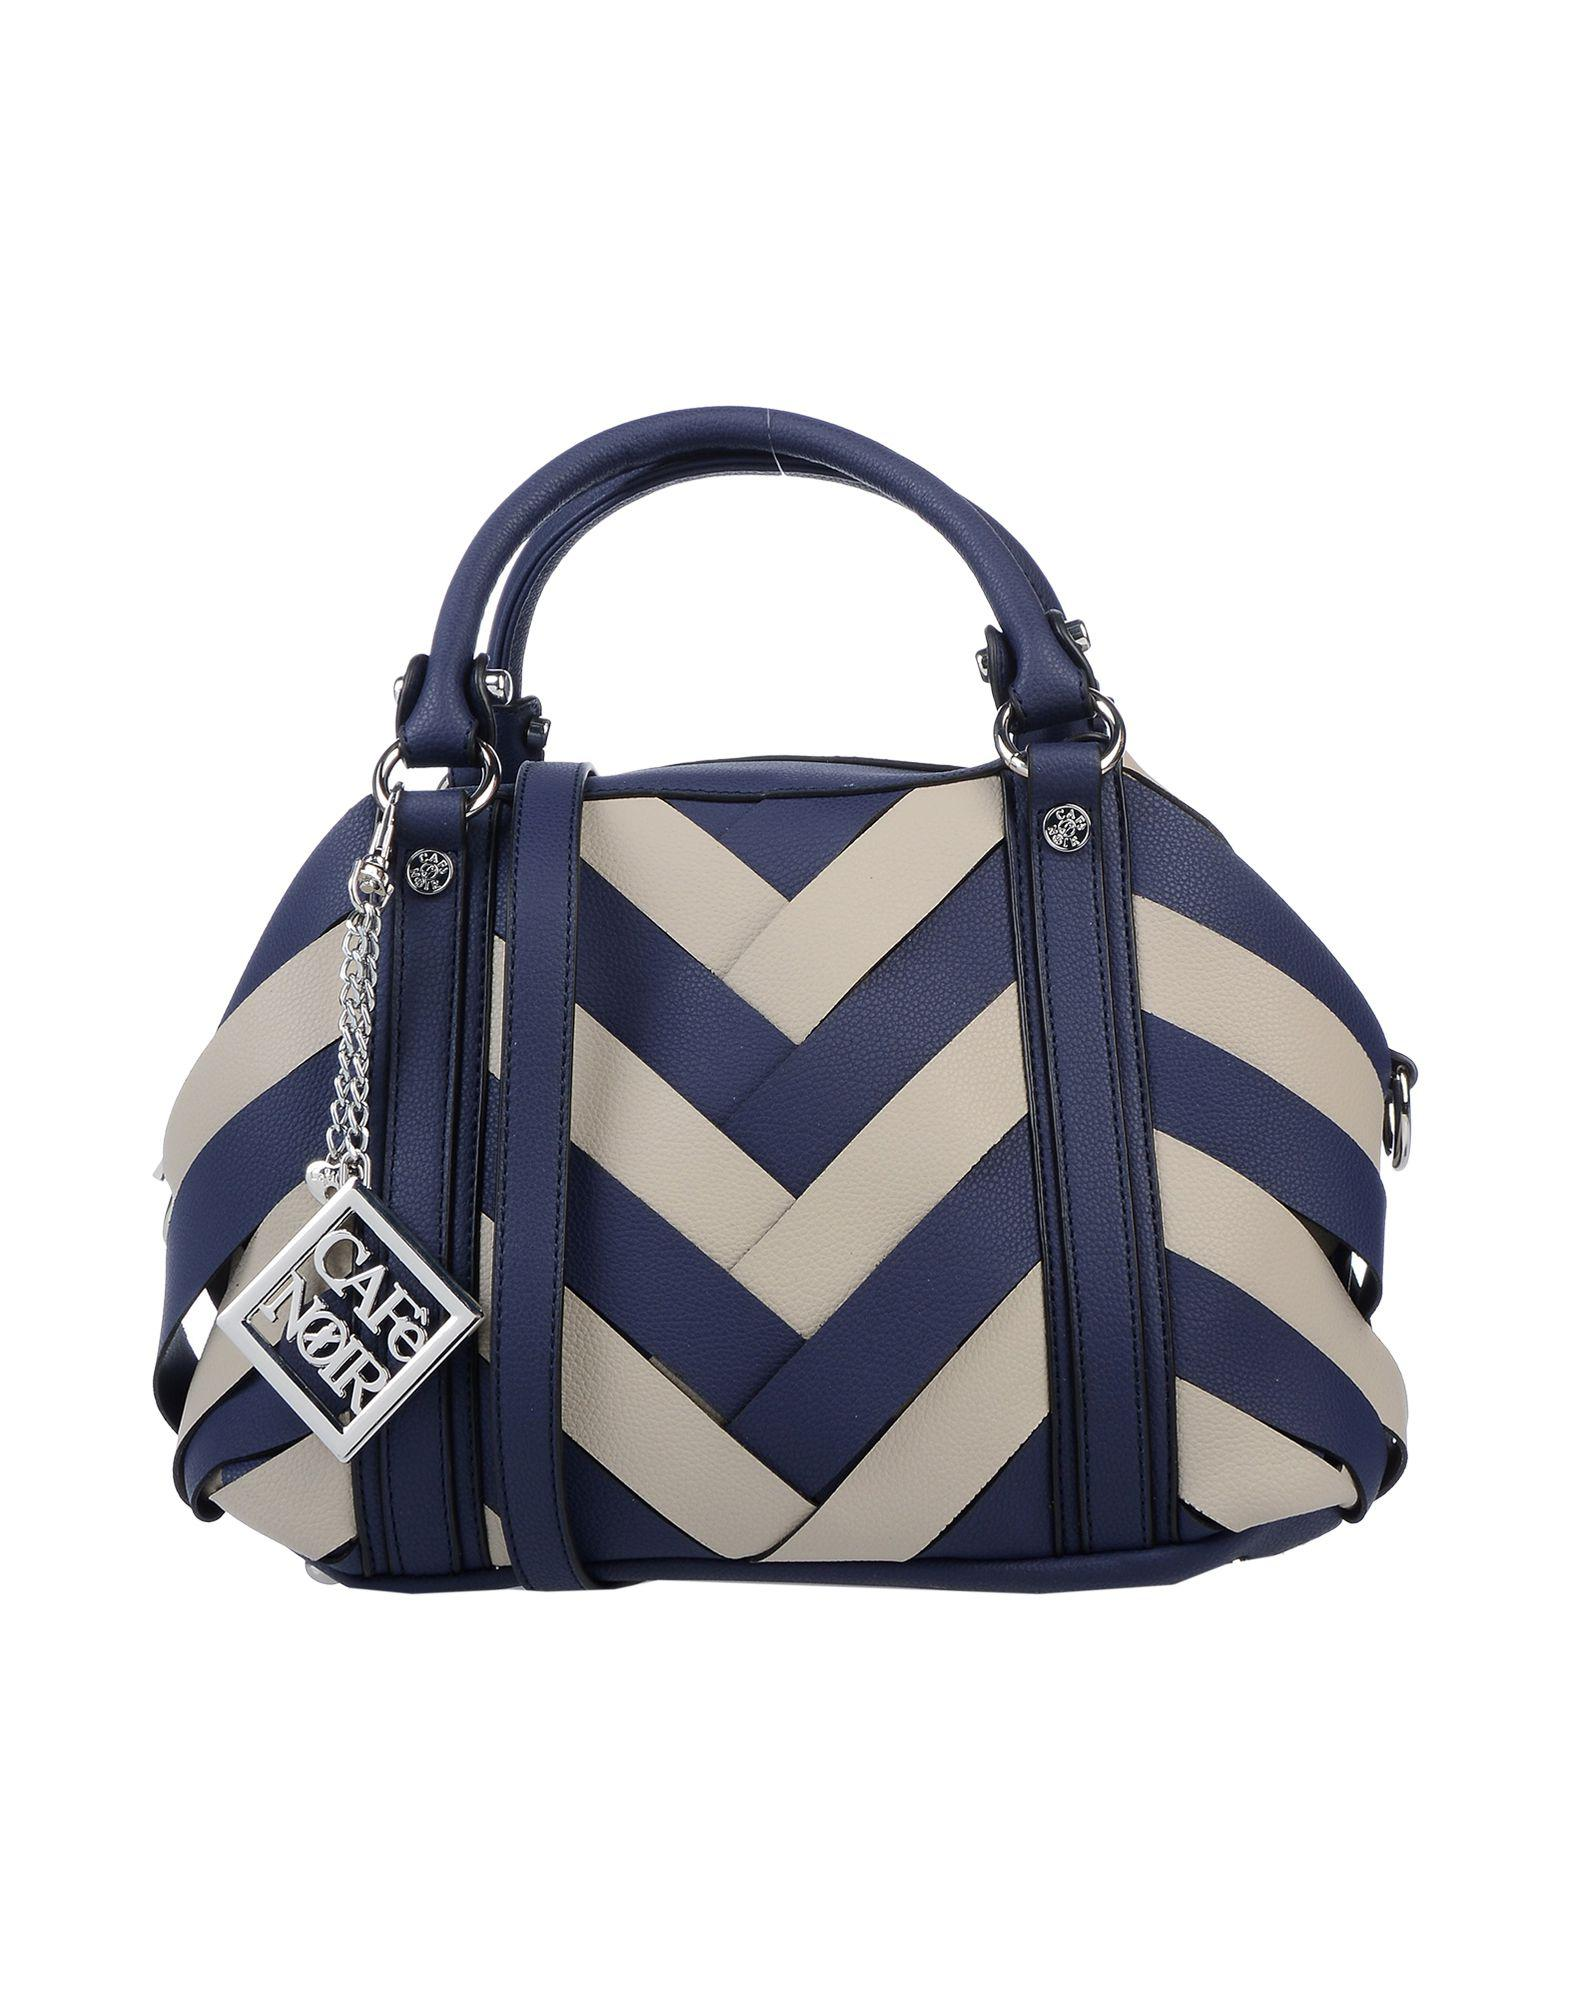 Lyst - CafeNoir Shoulder Bag in Blue 78e193f5088